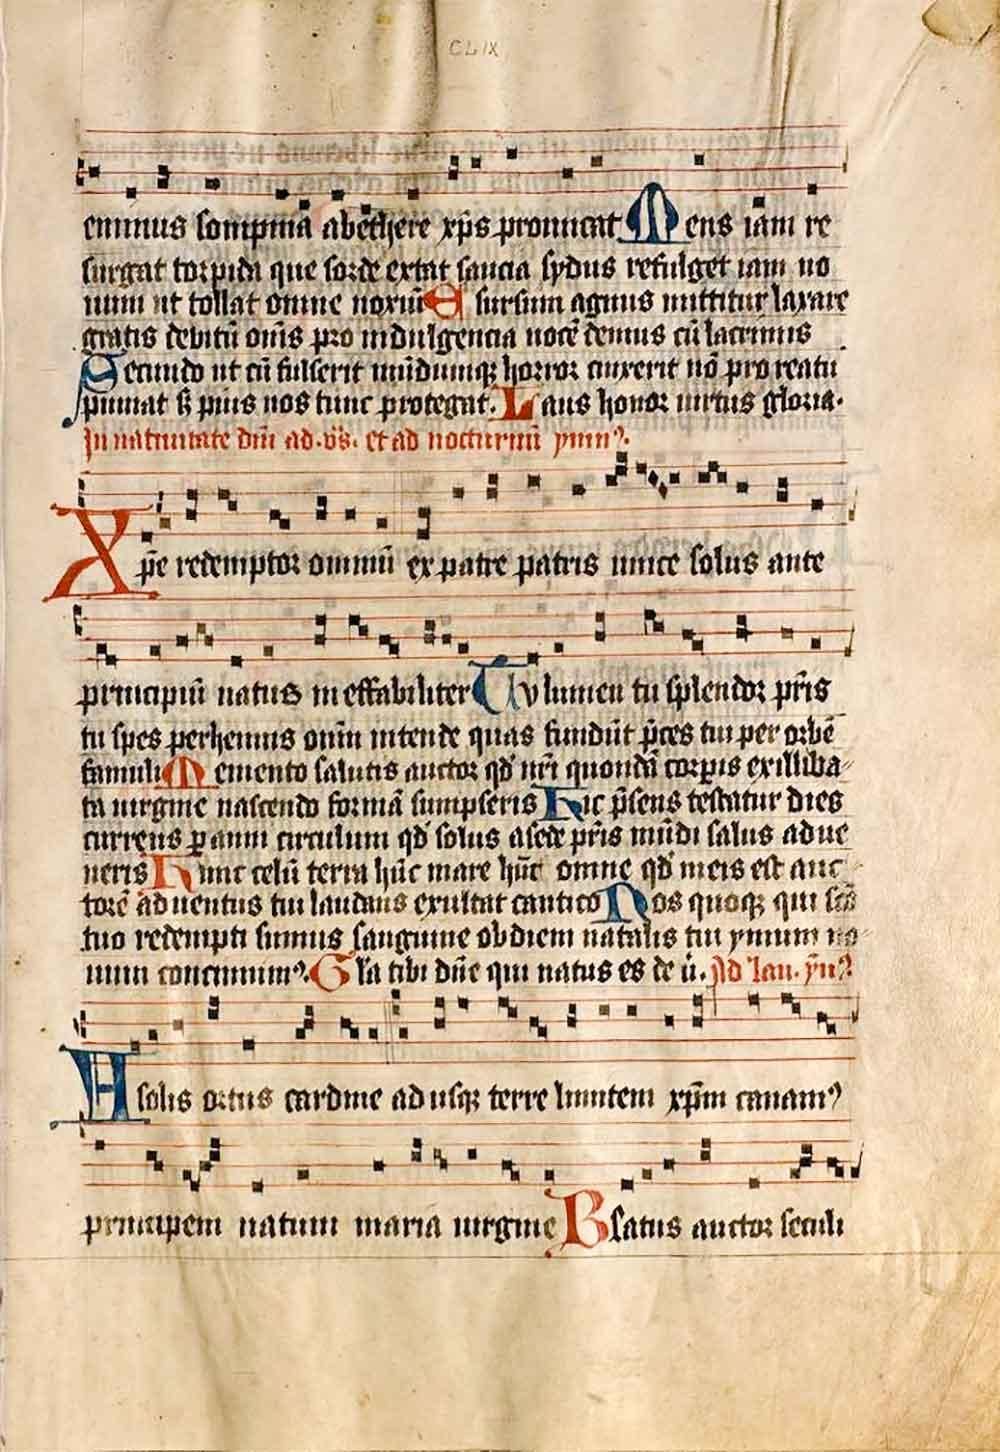 Eine Innenseite mit Notation des »Psalterium Moguntinum«, gedruckt auf Pergament unter Verwendung von Rotdruck sowie vielen roten und blauen Initialen. Erschienen 1457 bei der Fust-Schöffer´schen Offizin. Quelle: Universitäts- und Landesbibliothek Darmstadt.